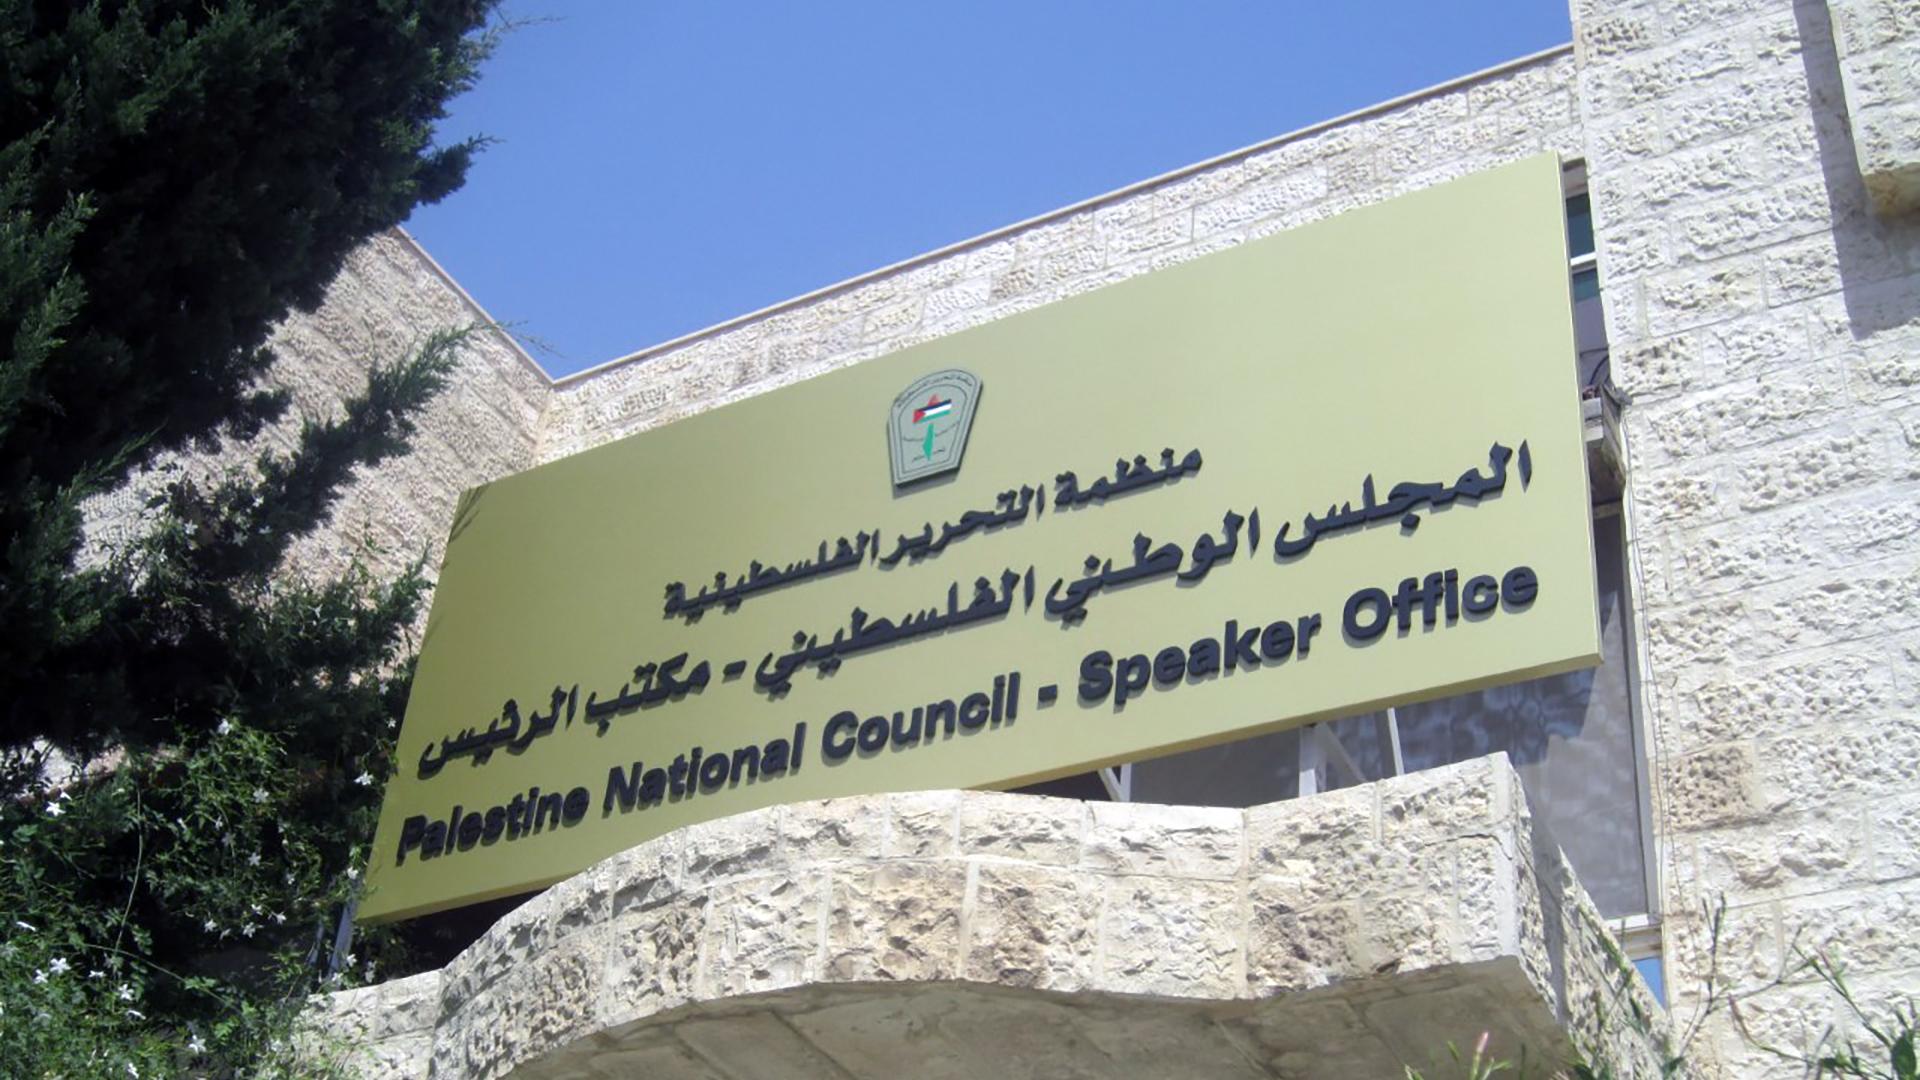 Le CNP Appelle les Parlements du Monde à Sauver la Vie des Prisonniers Palestiniens en Grève de la Faim